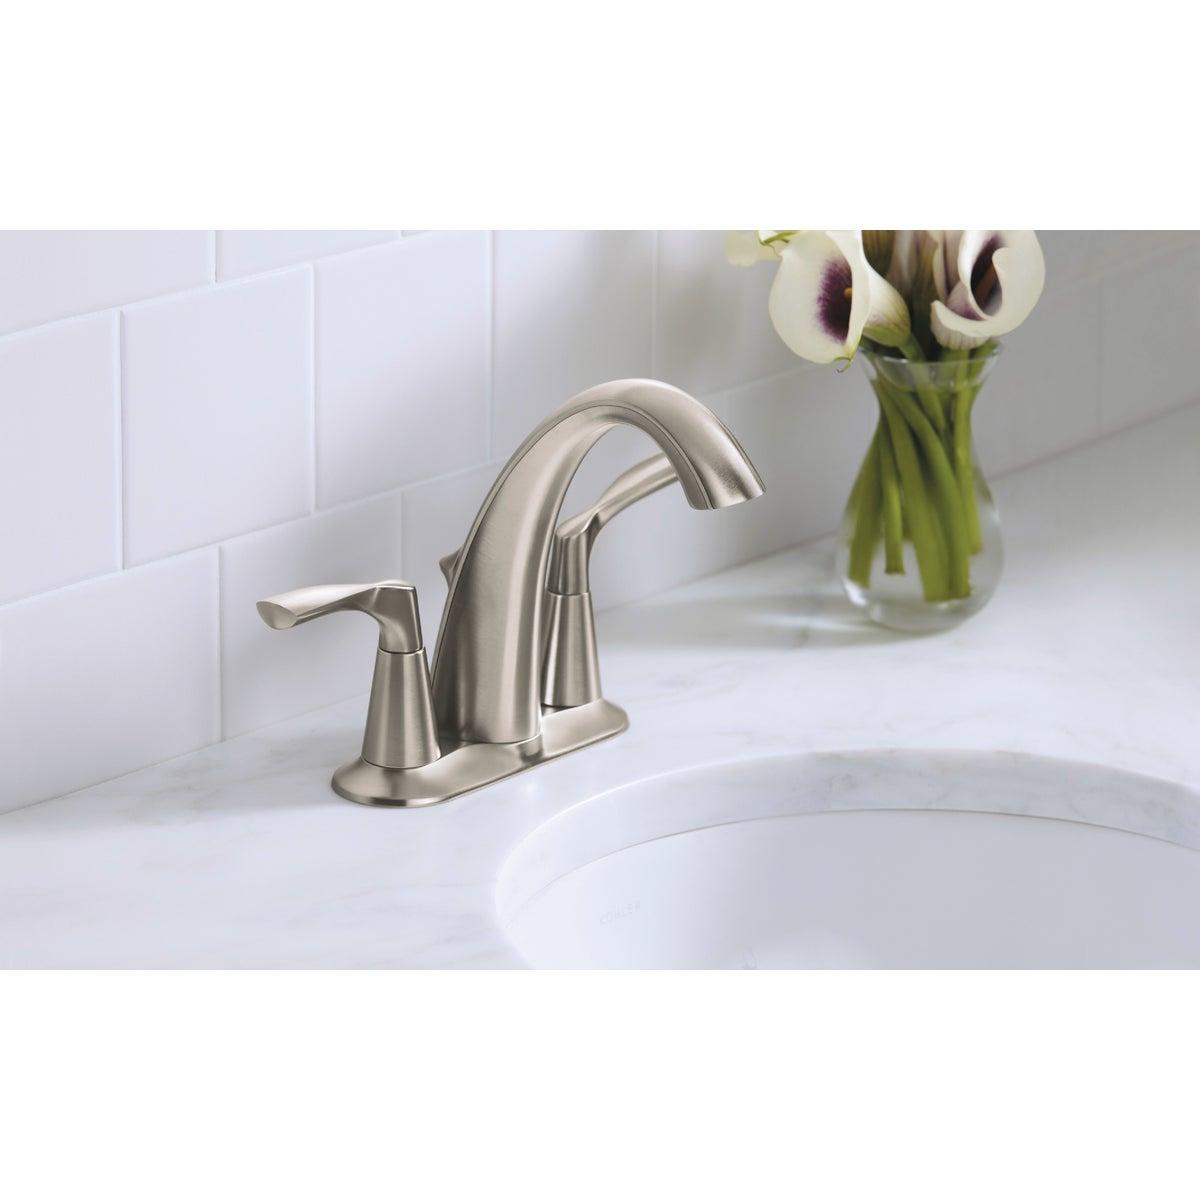 https www doitbest com shop plumbing supplies faucets bathroom sink faucets bathroom faucet kohler mistos brushed nickel 2 handle lever 4 in centerset bathroom faucet with pop up sku 404261